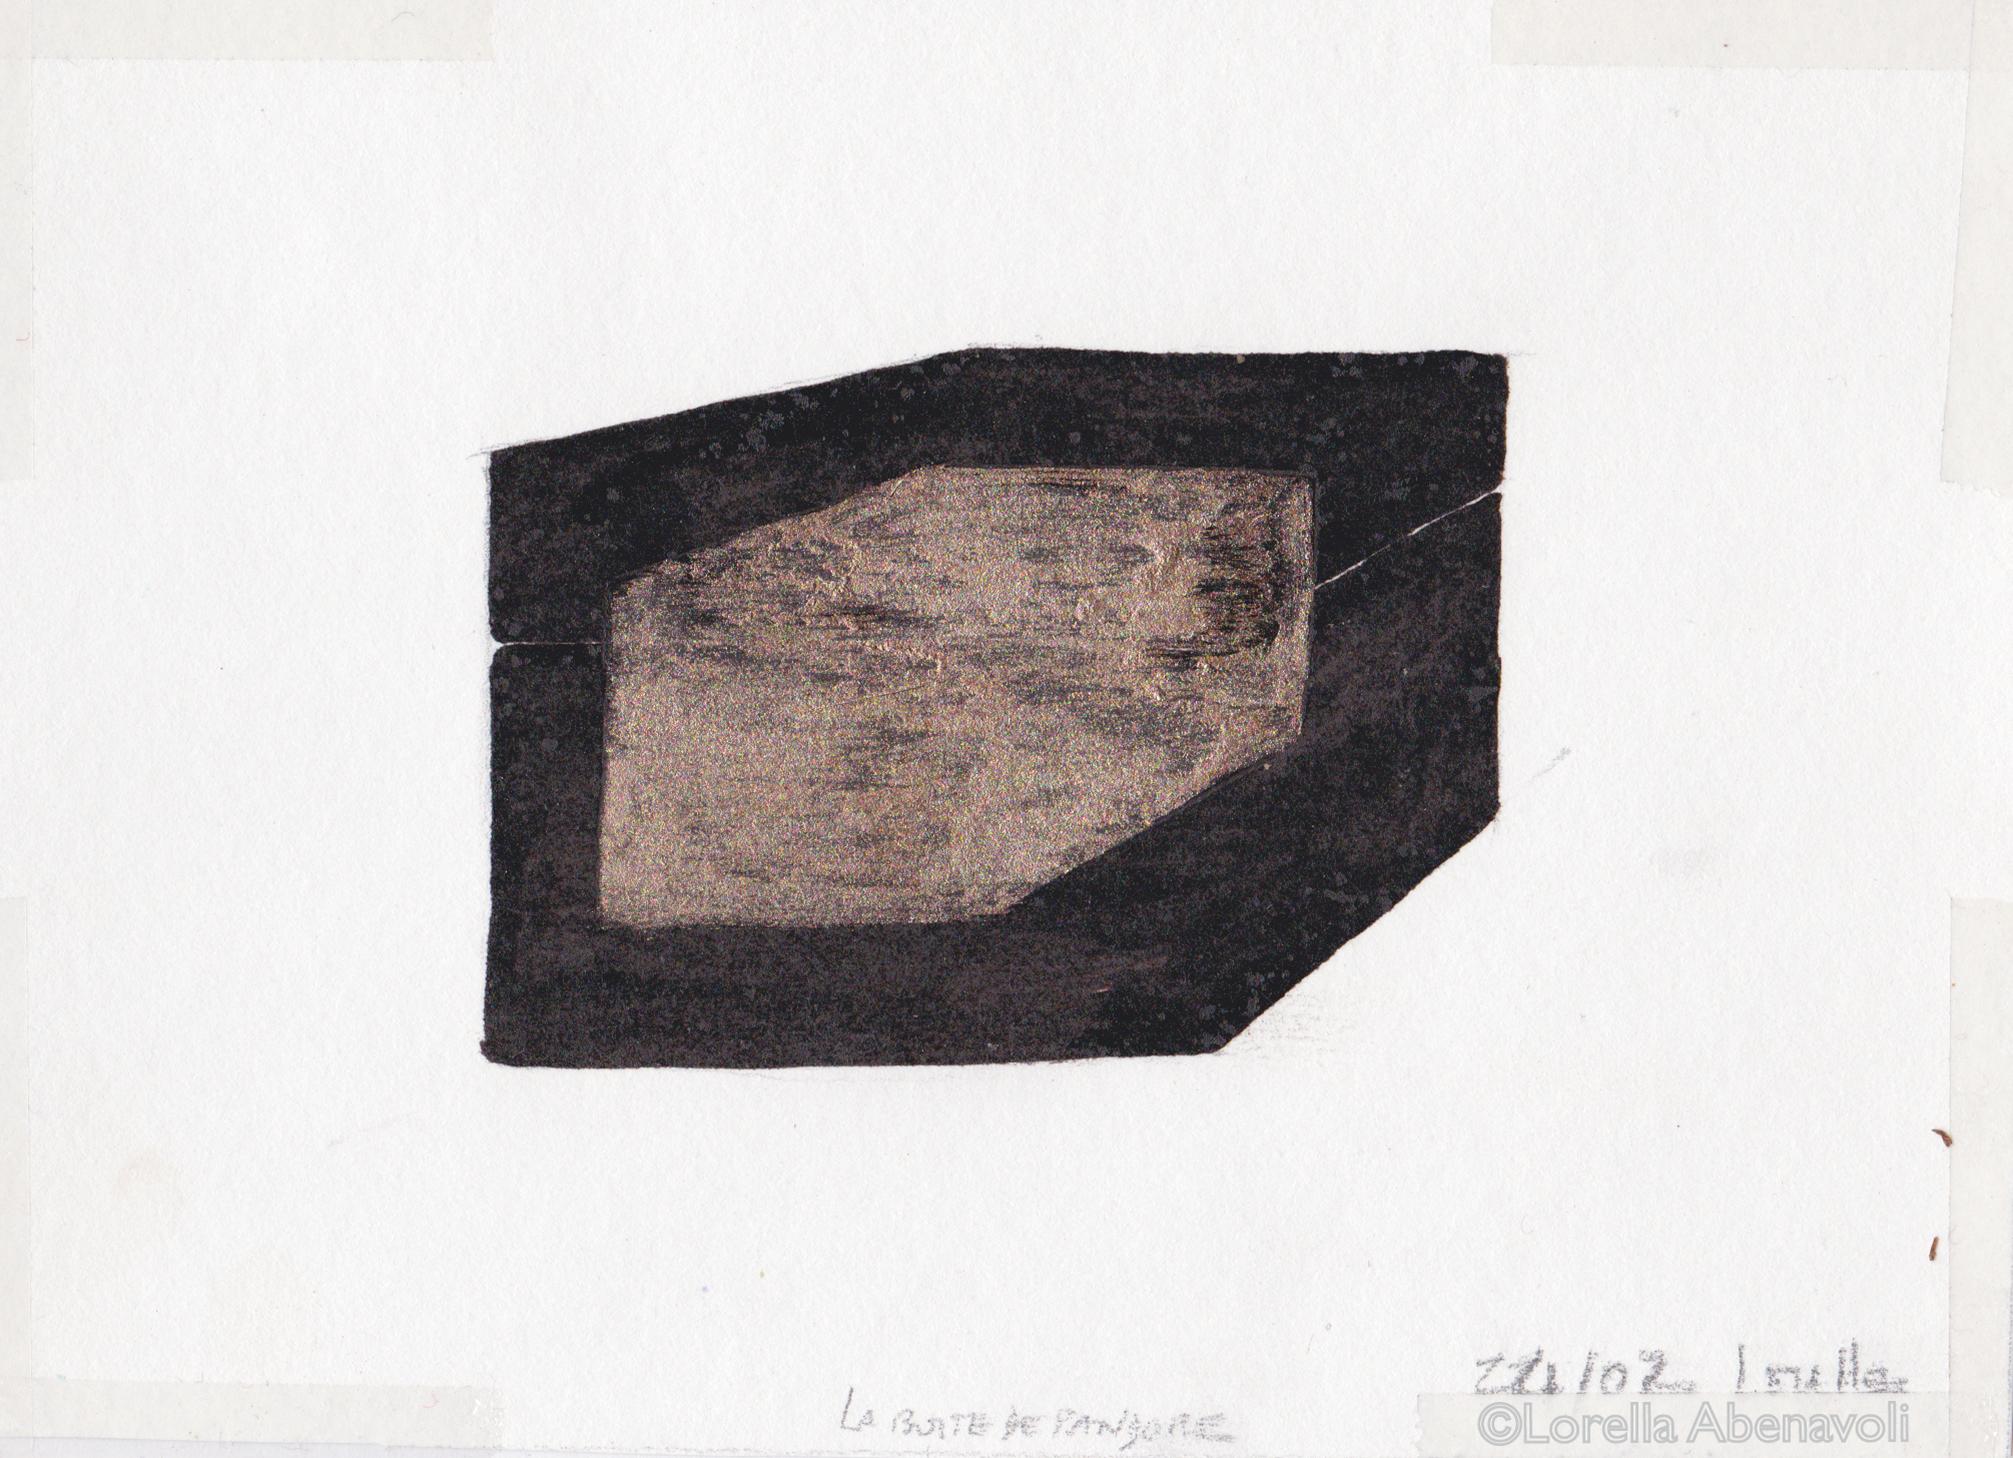 Boîte de Pandore, esquisse préparatoire, Lorella Abenavoli, goudron et pigment poudre de laiton, 2002.